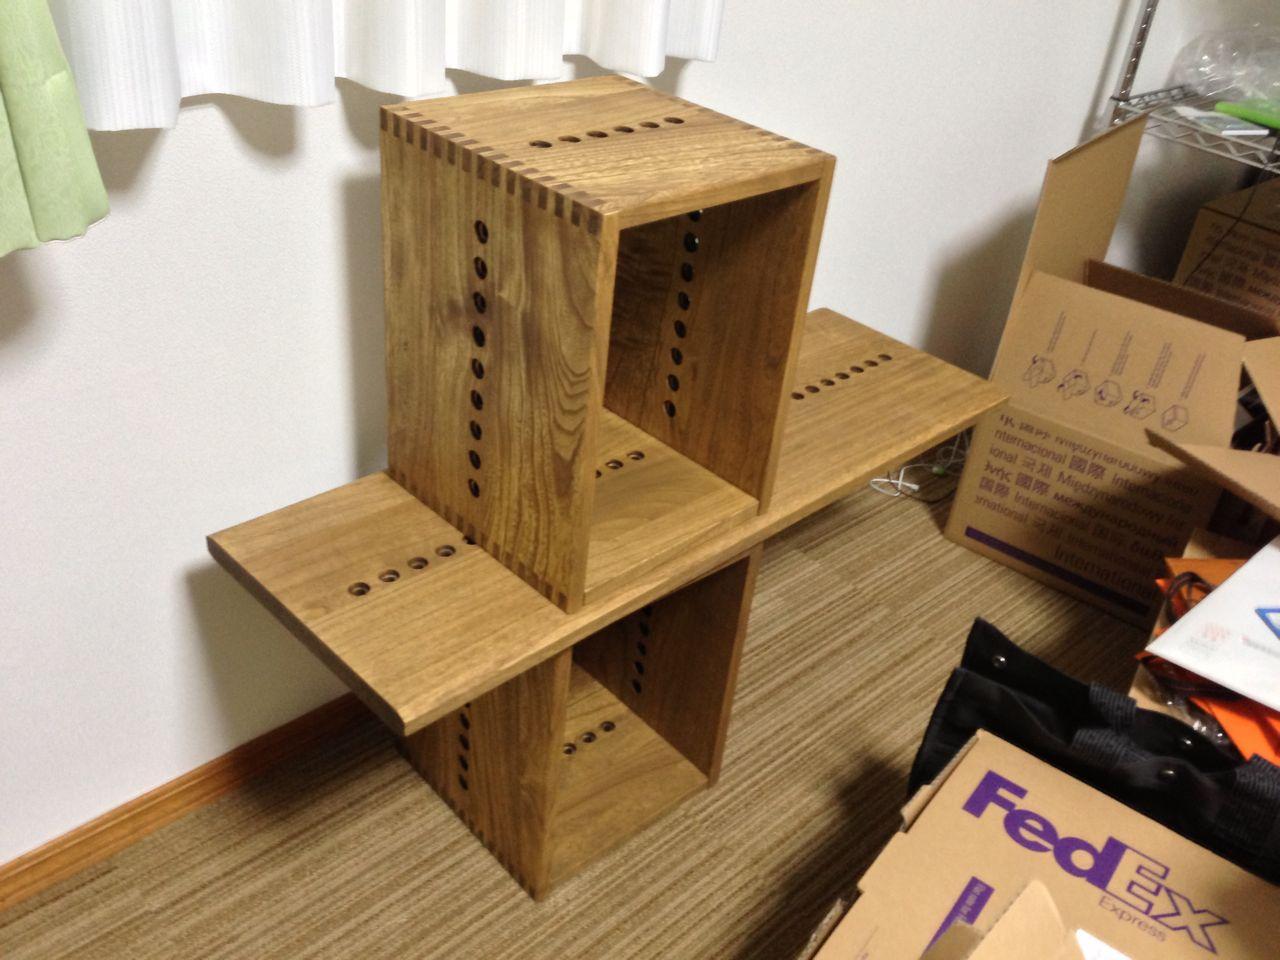 【モータマガジン等 雑誌の収納にぴったり】 Lボックスと悩みましたがこの方が雑誌の種類ごとに小分け出来るのでMボックスで正解だったと思います。今度は引き出し付きのものとかも揃えていきたいです。【子供部屋 無垢 木製 収納 ラック キューブ カラーボックス 本棚 絵本 おもちゃ 収納 図鑑 大型本】